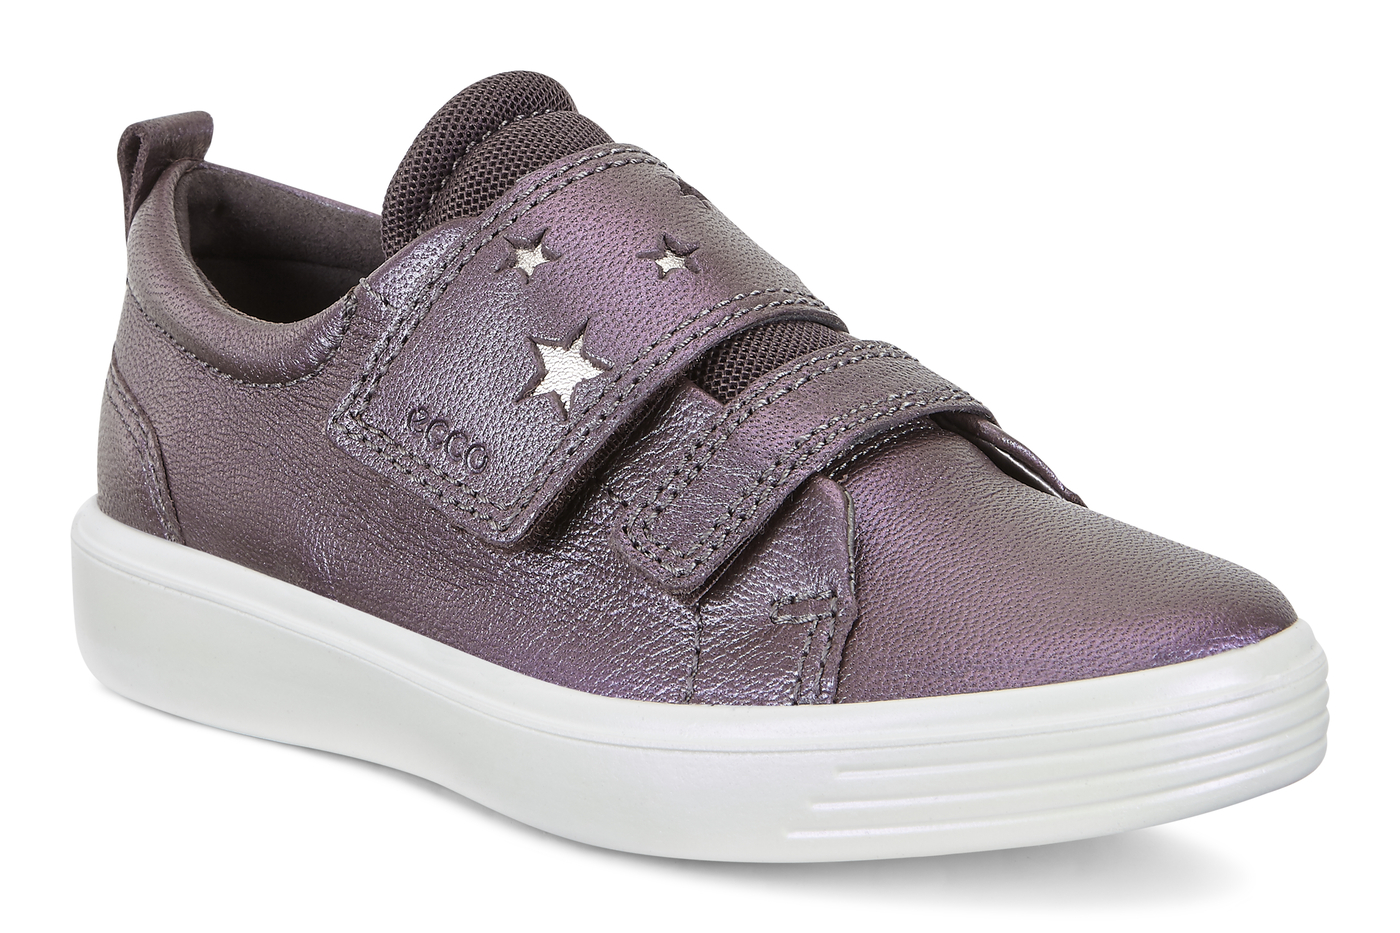 ECCO S7 Teen 2-Strap Sneaker Flower Printed